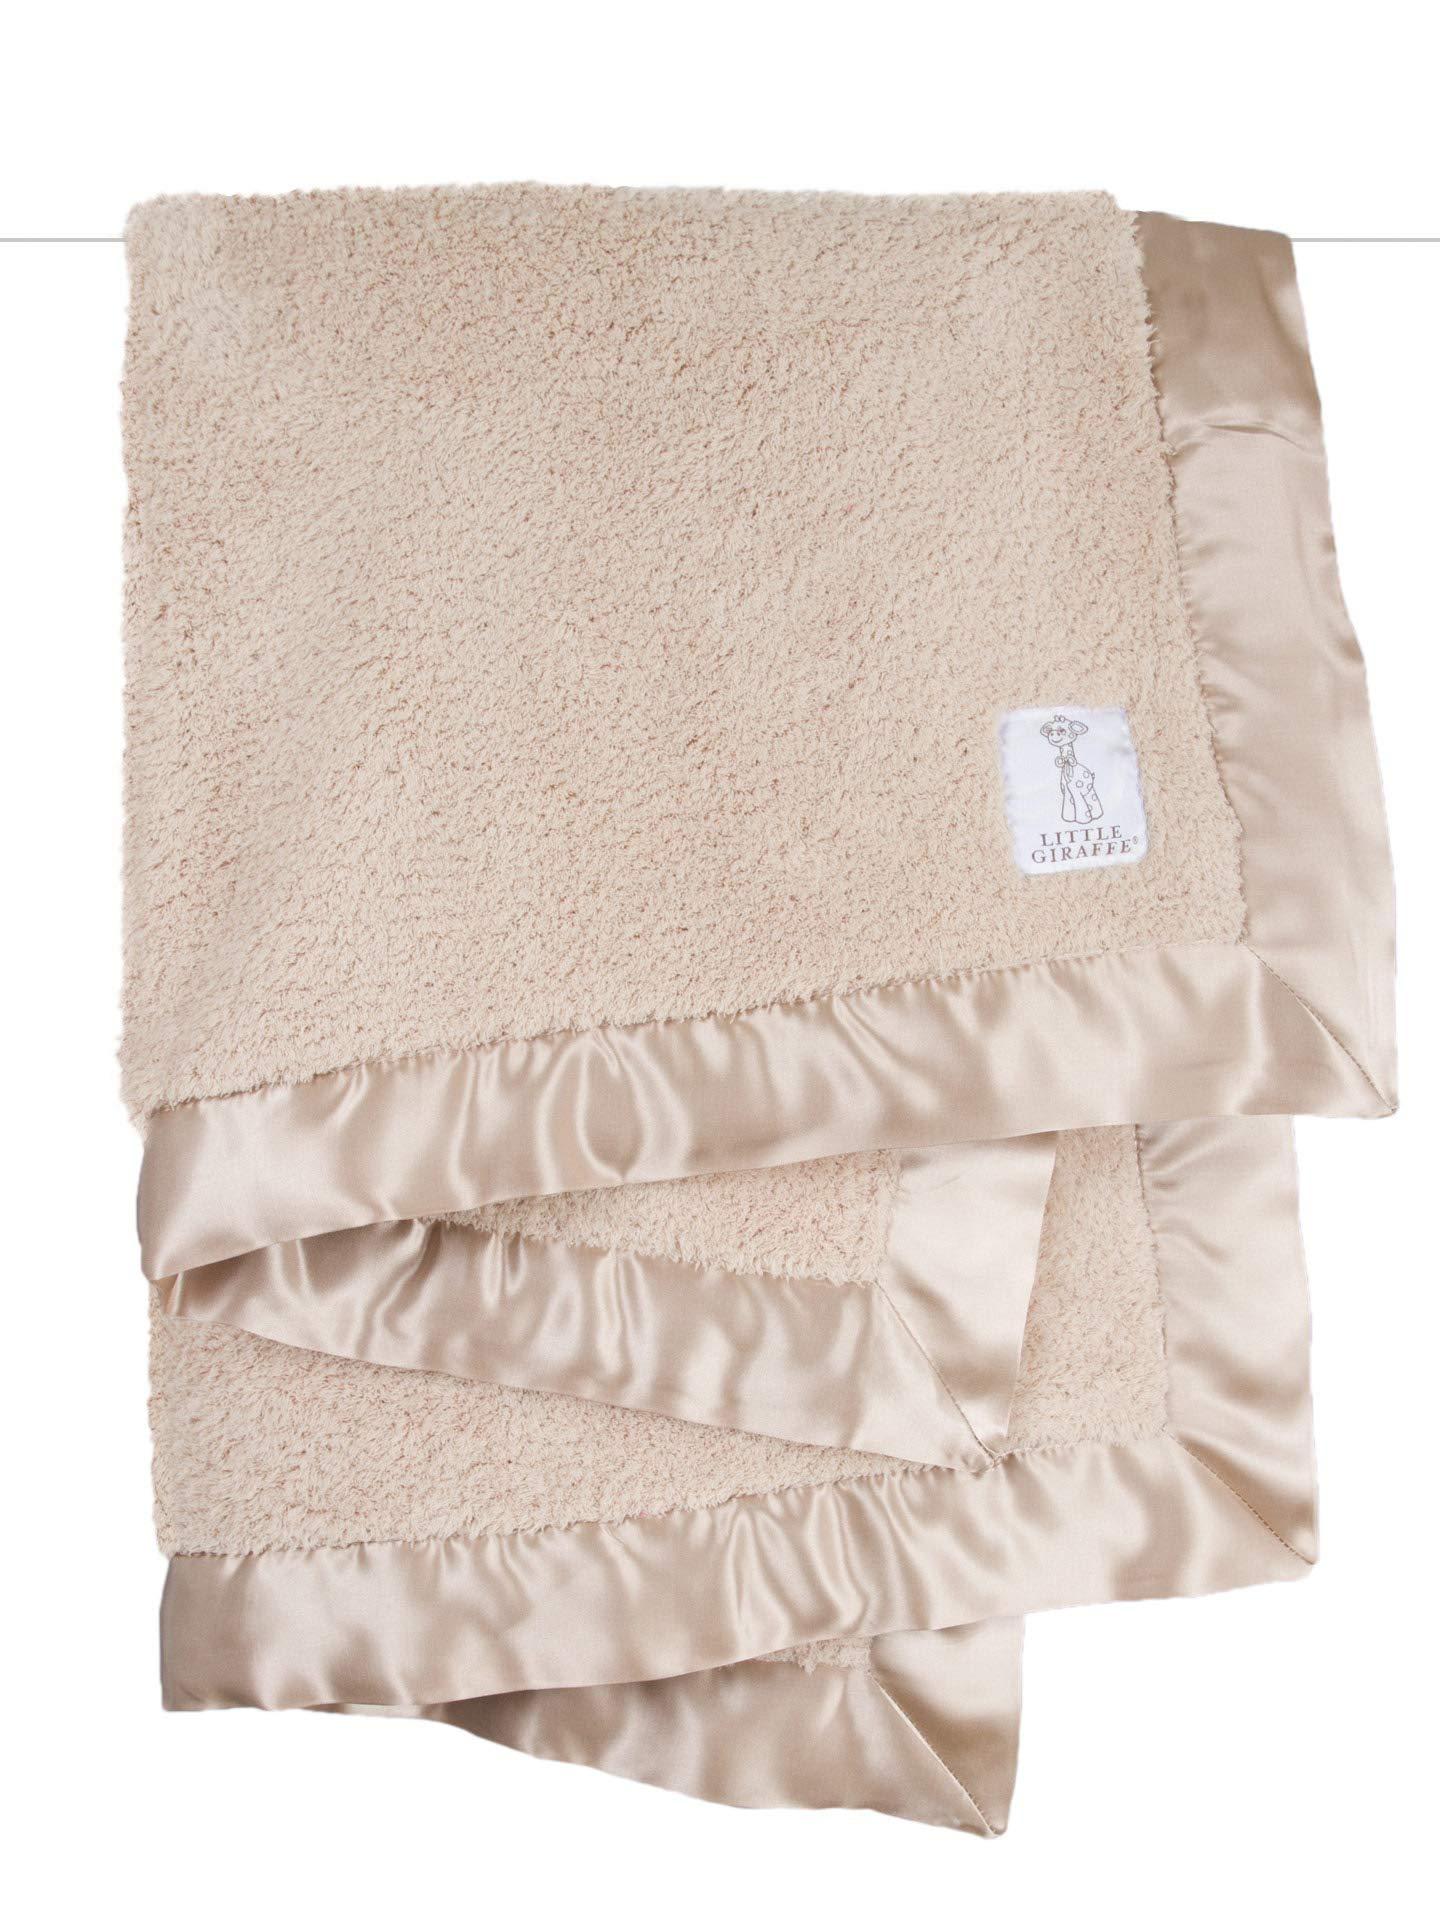 Little Giraffe Chenille Stroller Baby Blanket, Latte, 29'' x 35''